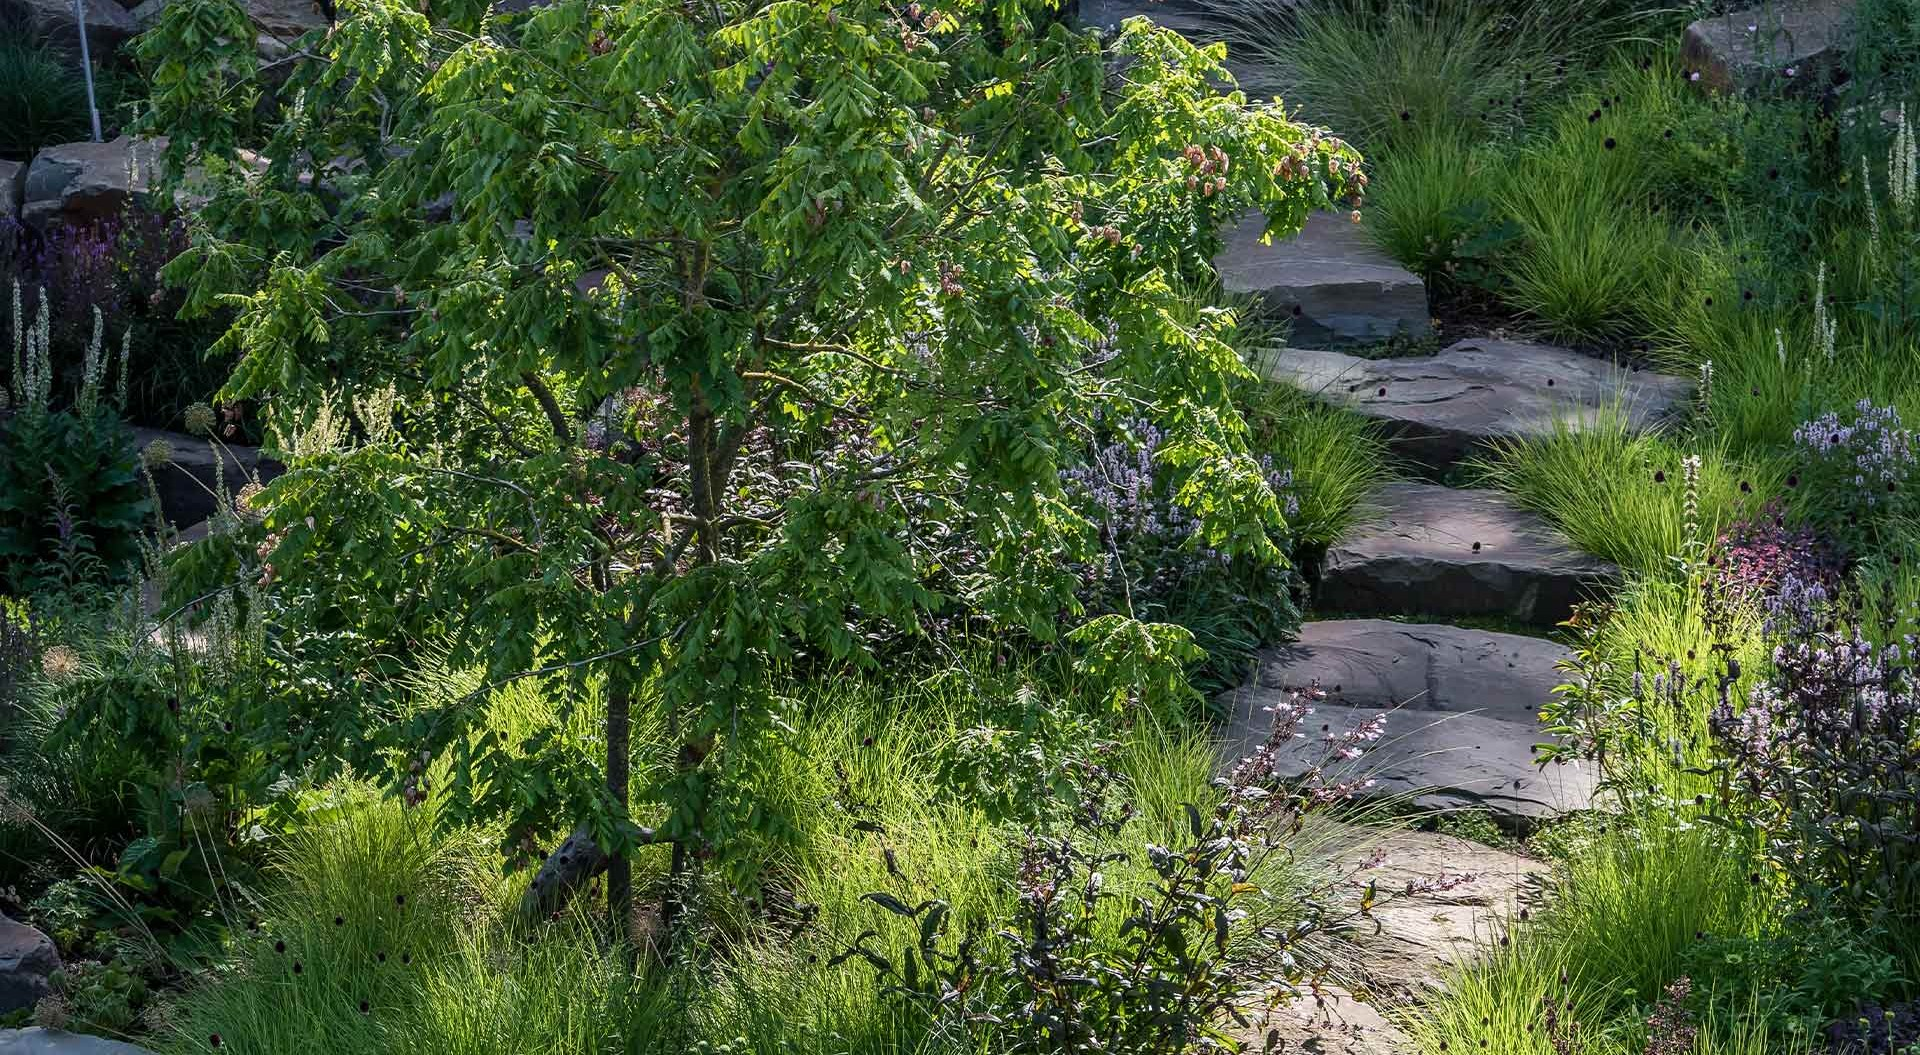 Natursteintreppe führt an Pflanzen vorbei durchs Grün